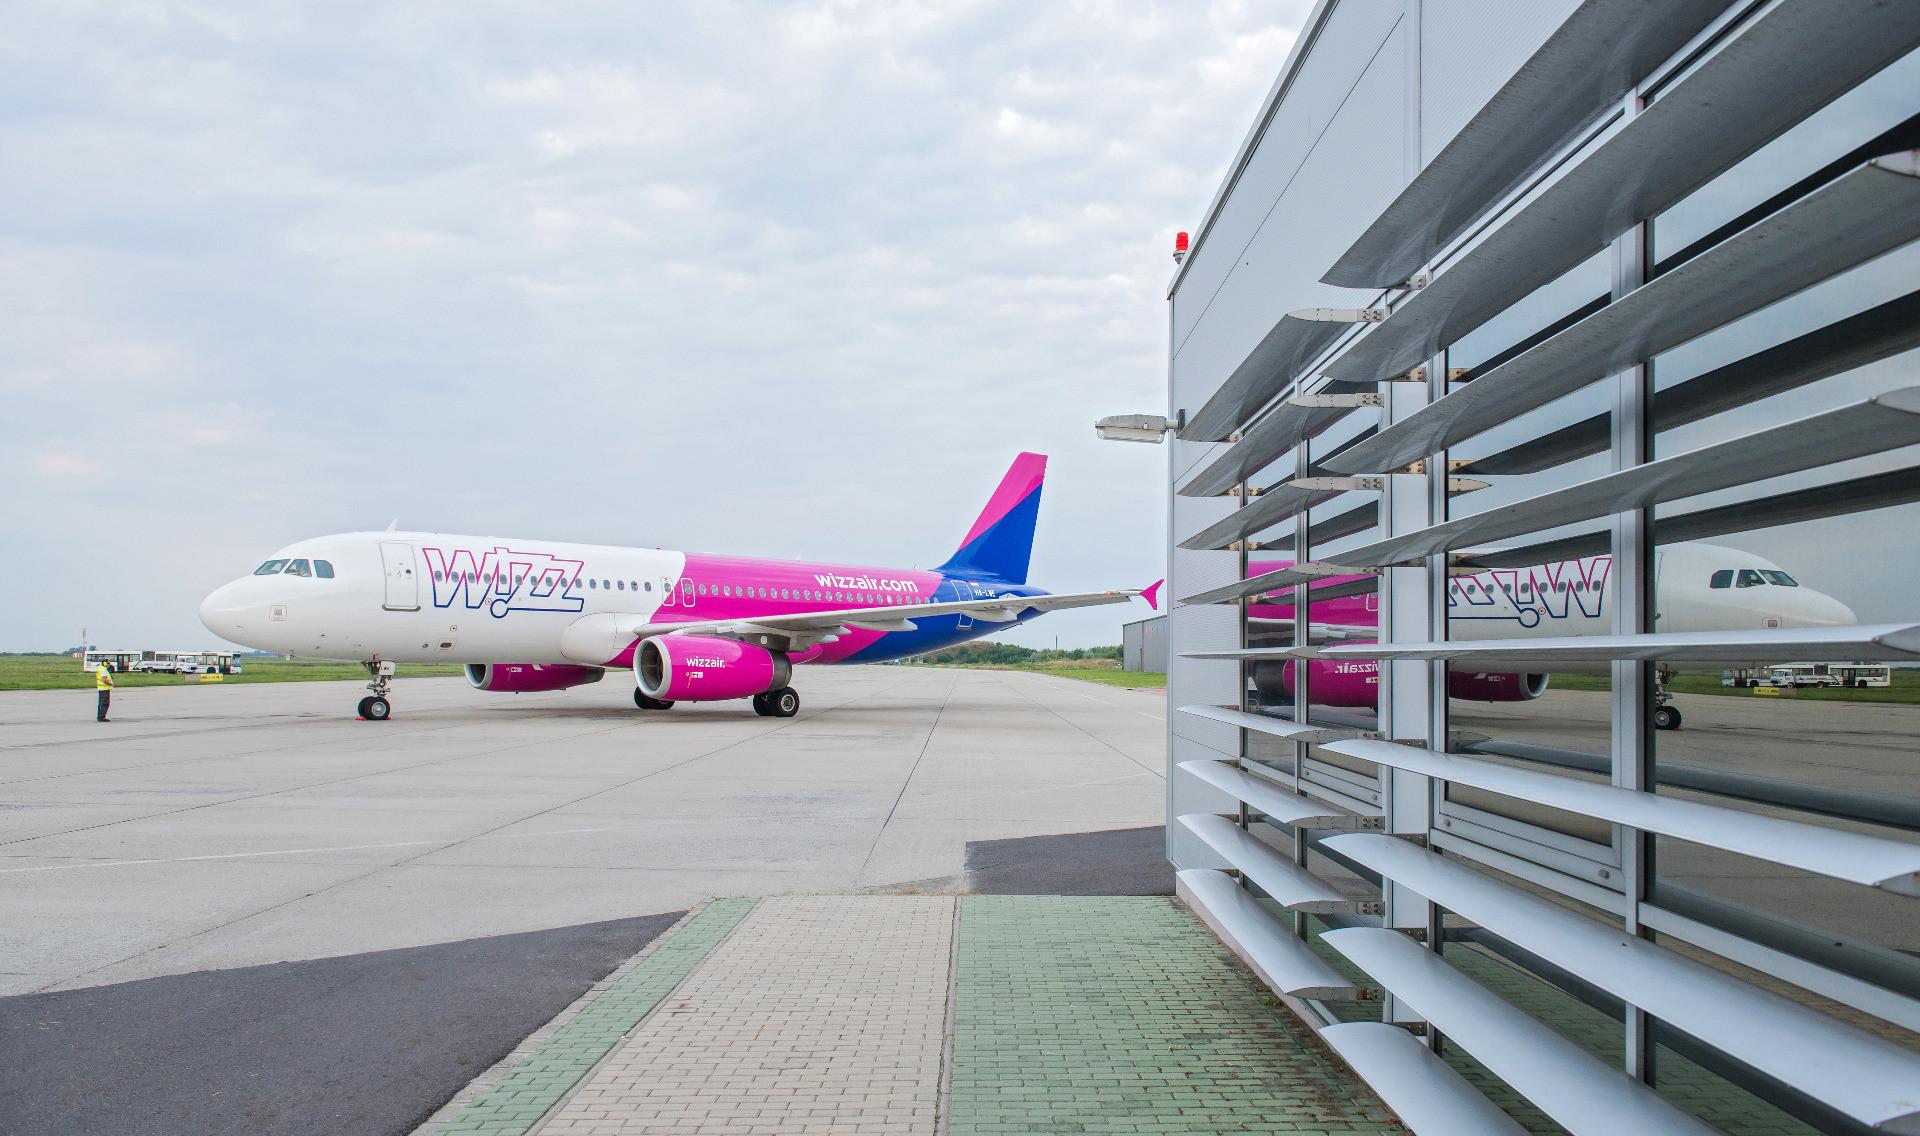 Aeroportul din Debrecen